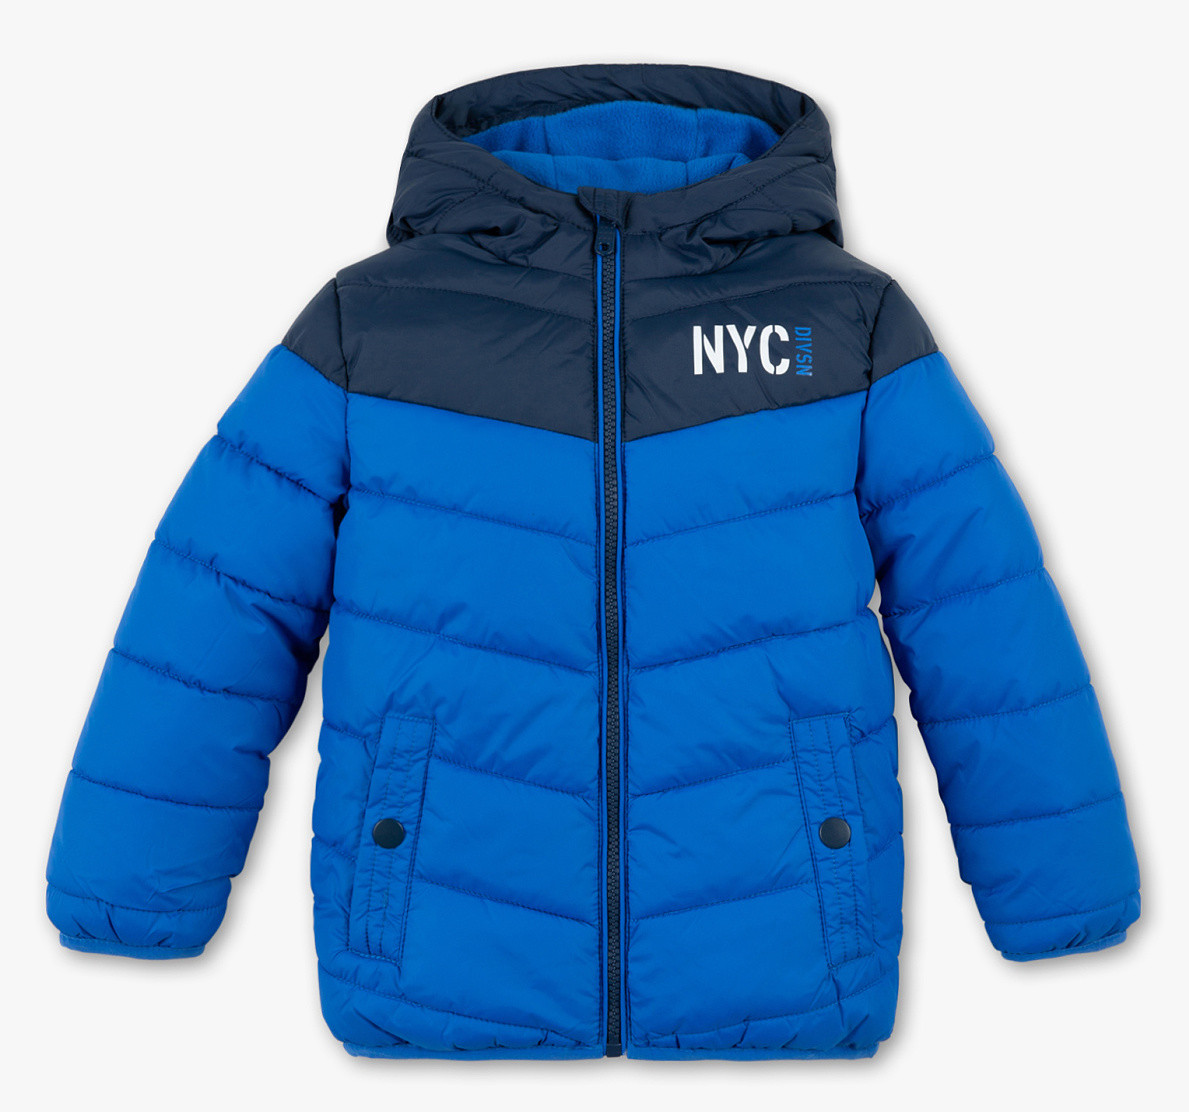 Демисезонная куртка для мальчика синяя NYC C&A Германия Размер 104, 110